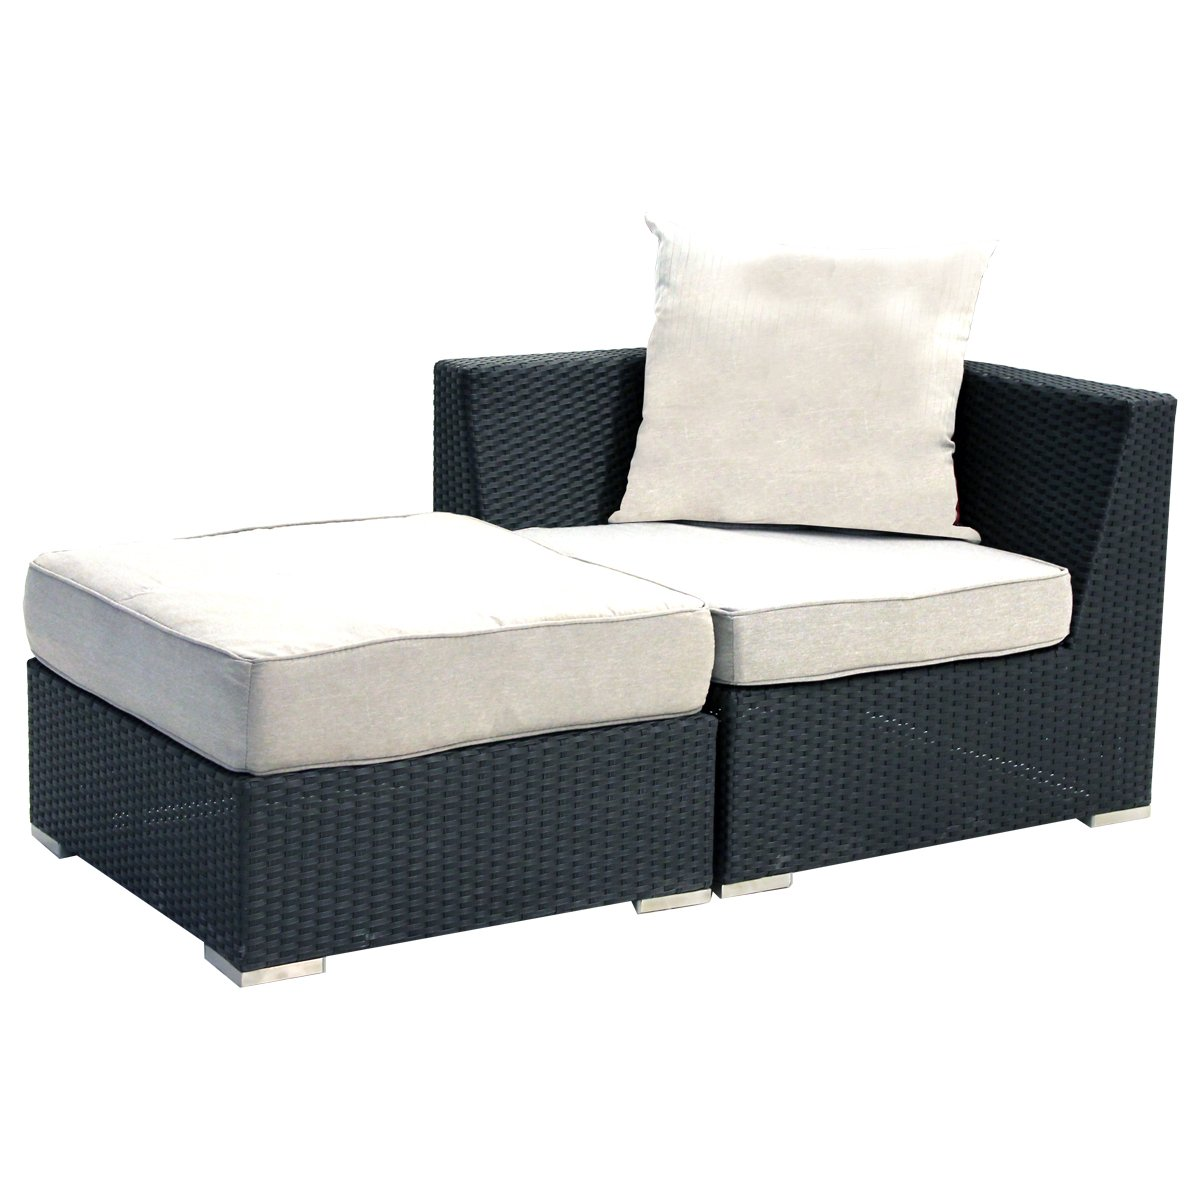 GARDENho.me 2tlg. Ergänzungsset zur Loungegruppe Arizona, Polyrattan schwarz, inkl. Kissen SSV-Gartenmöbel